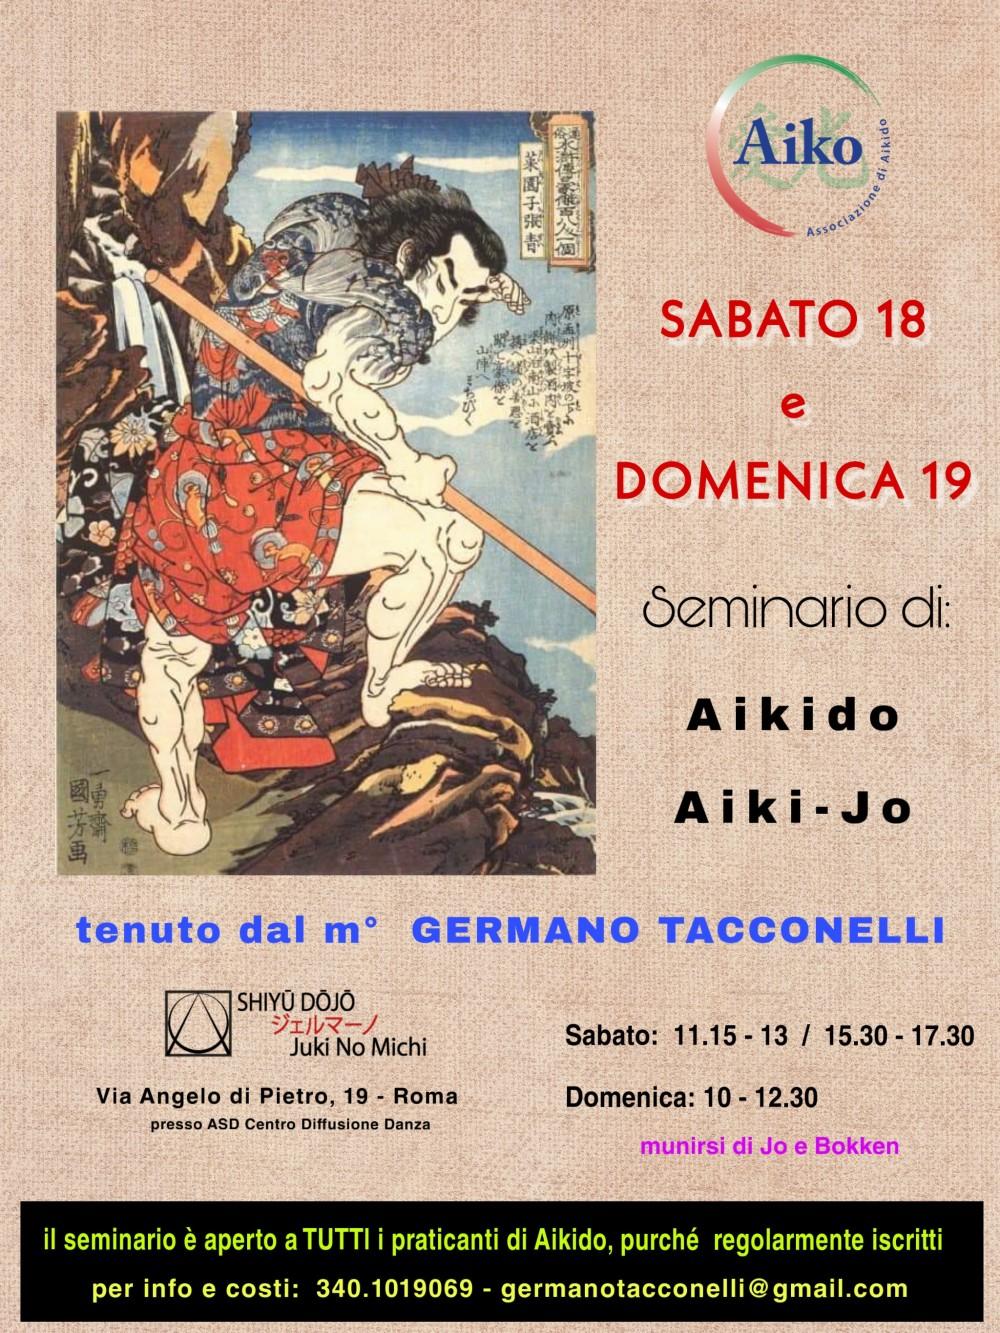 locandina seminario aikido